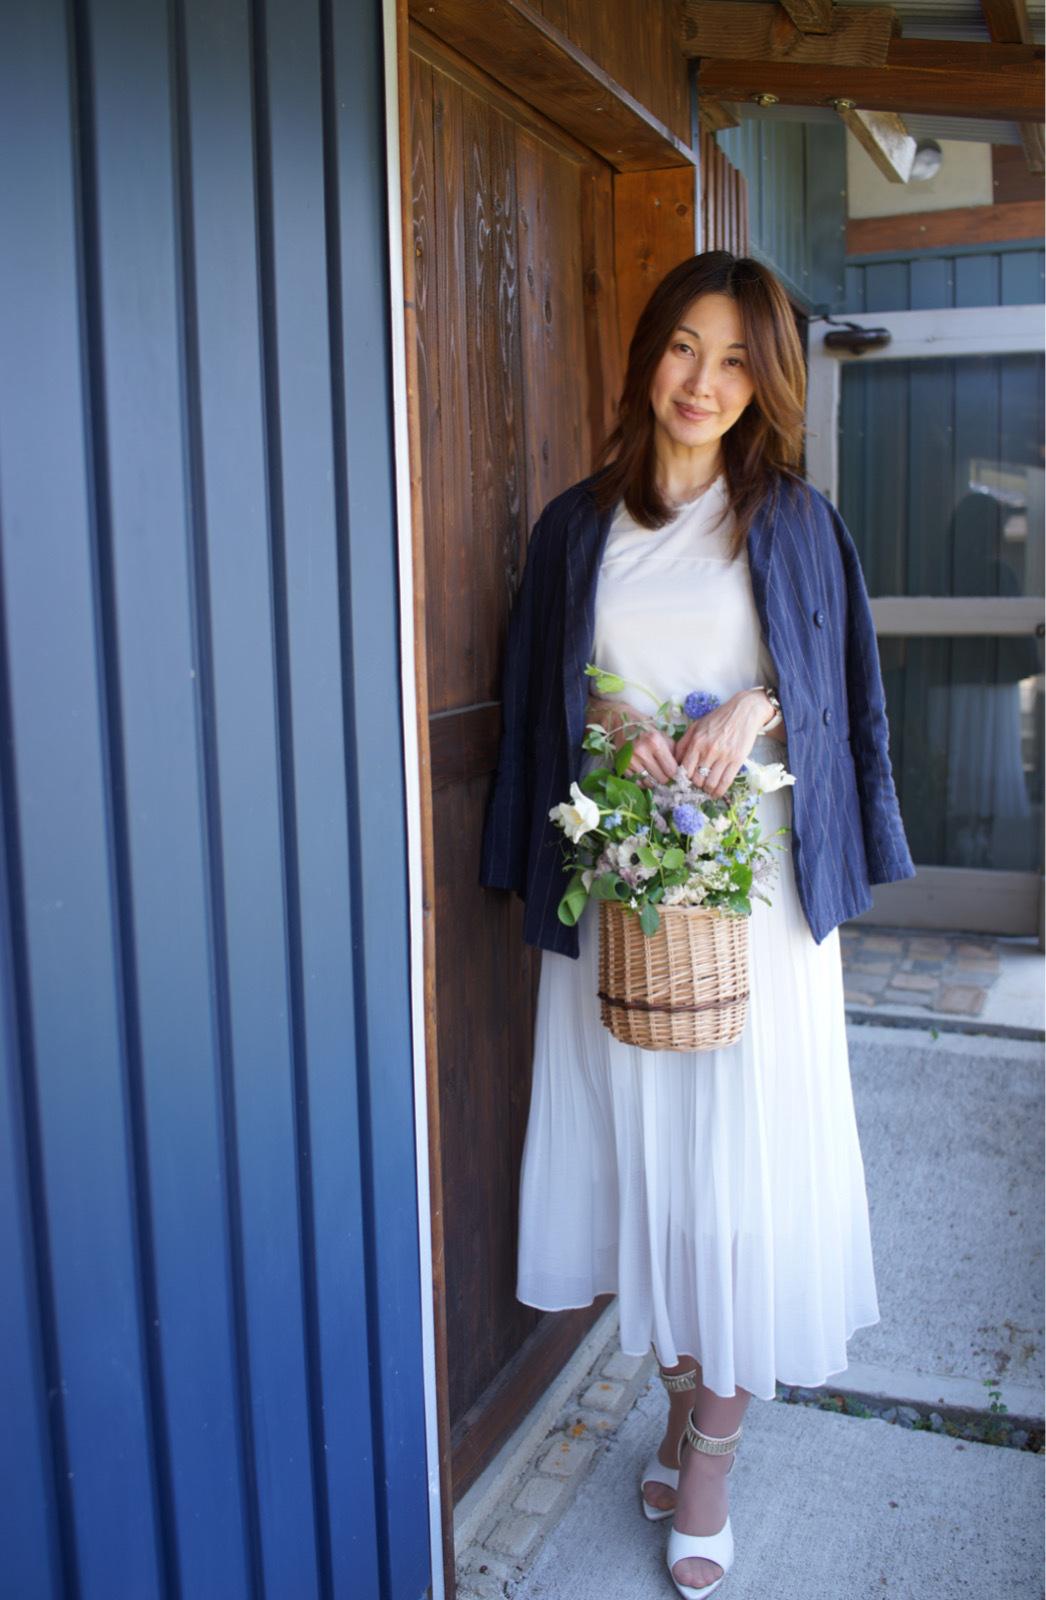 紺色Wジャケット 白カットソーと白プリーツスカート 花バスケットアレンジメントを持った女性